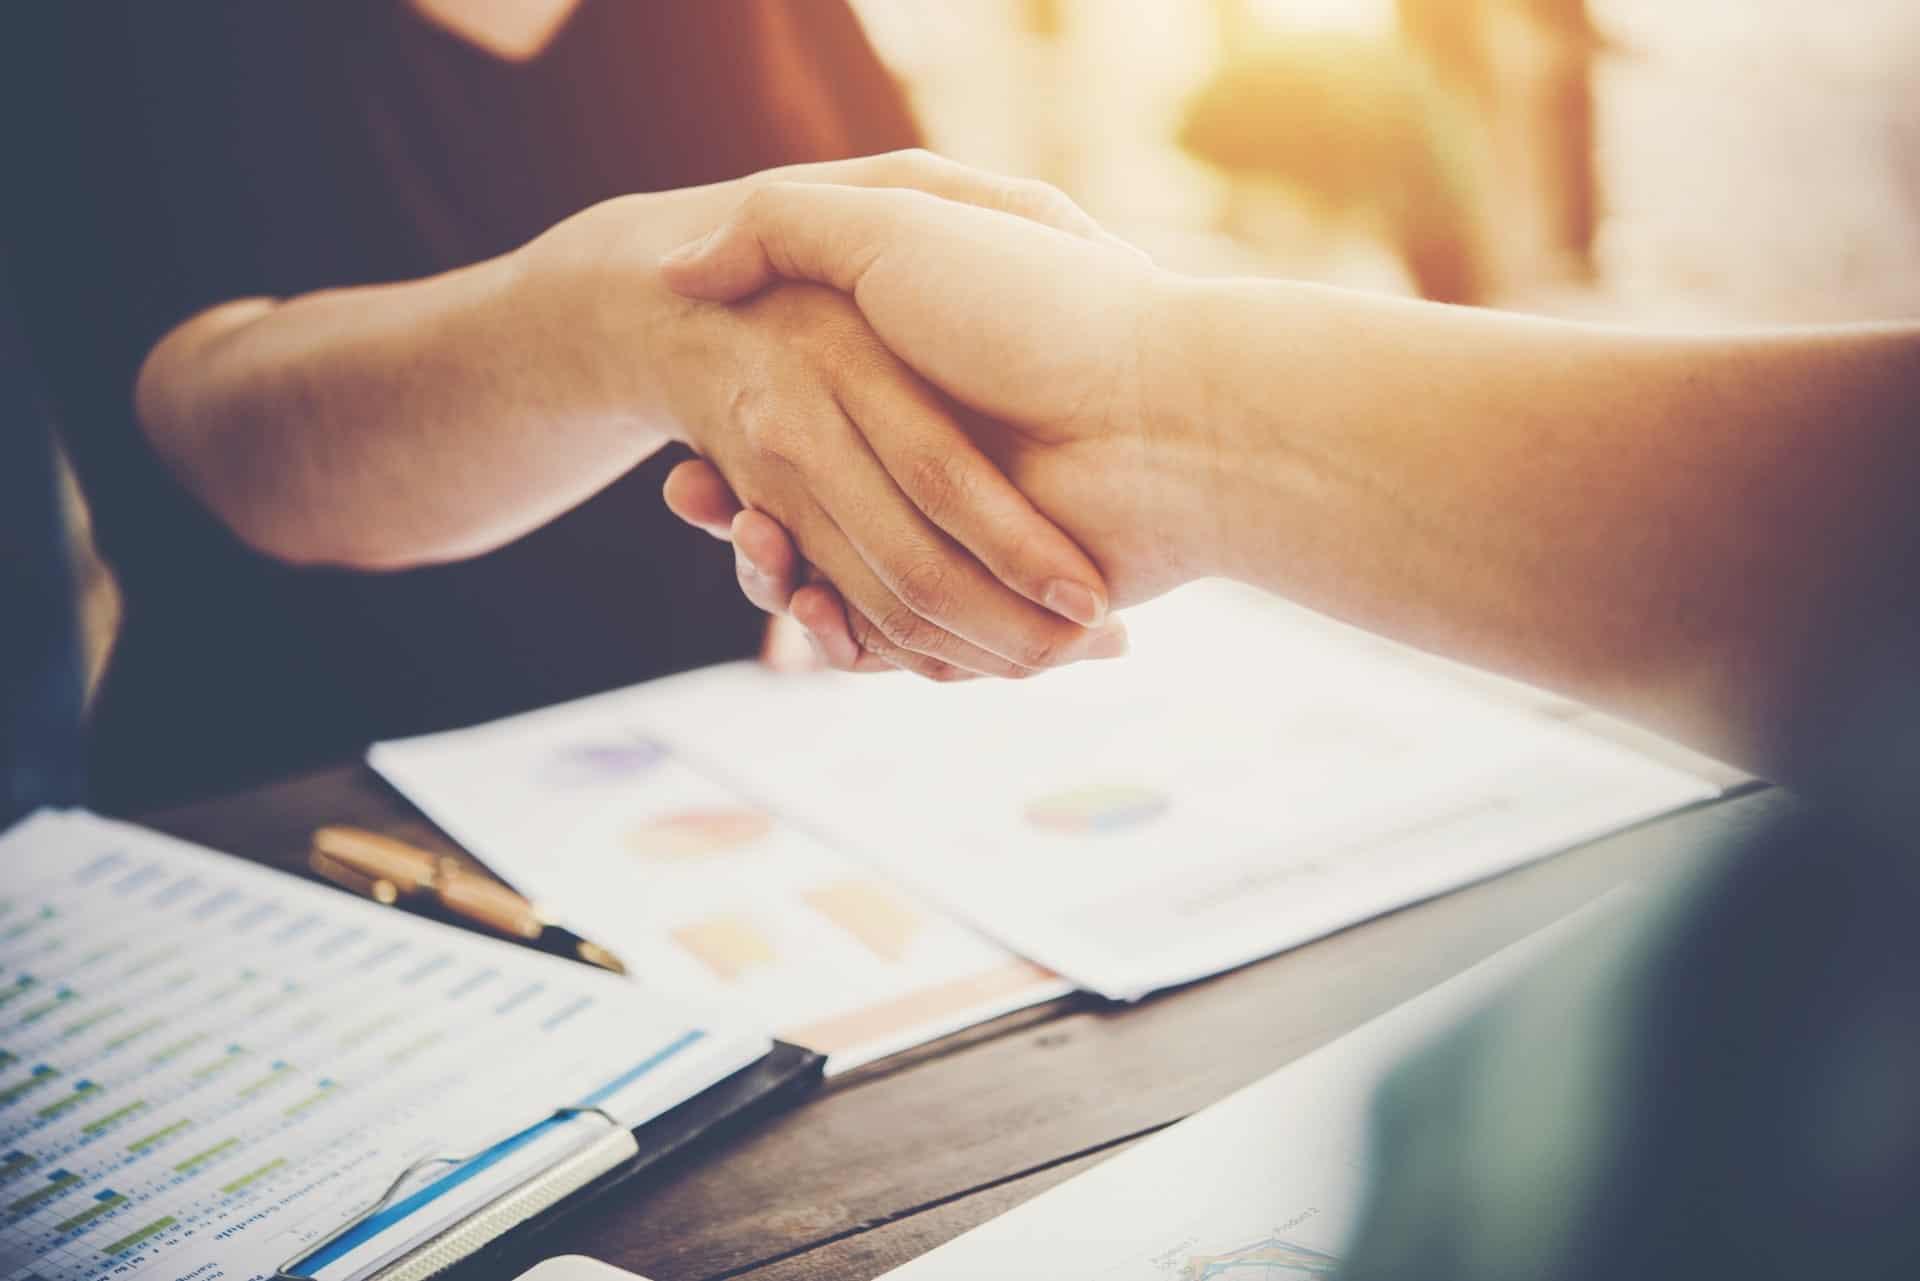 Empfehlungsprogramme für Kunden werben kunden-min